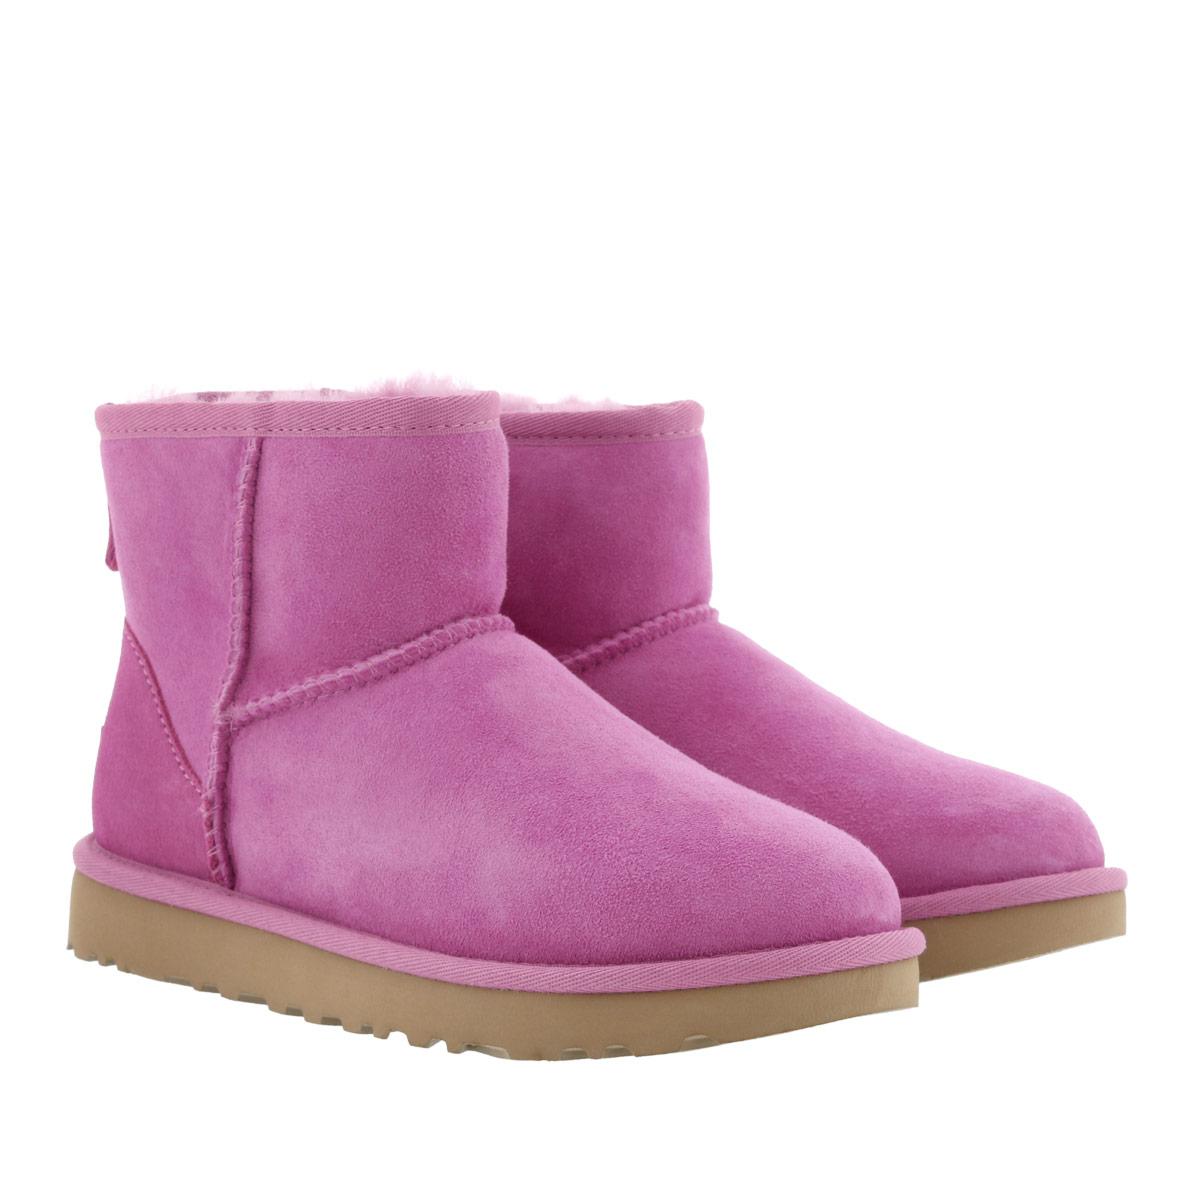 UGG Boots - W Classic Mini II Bodacious - in pink - für Damen